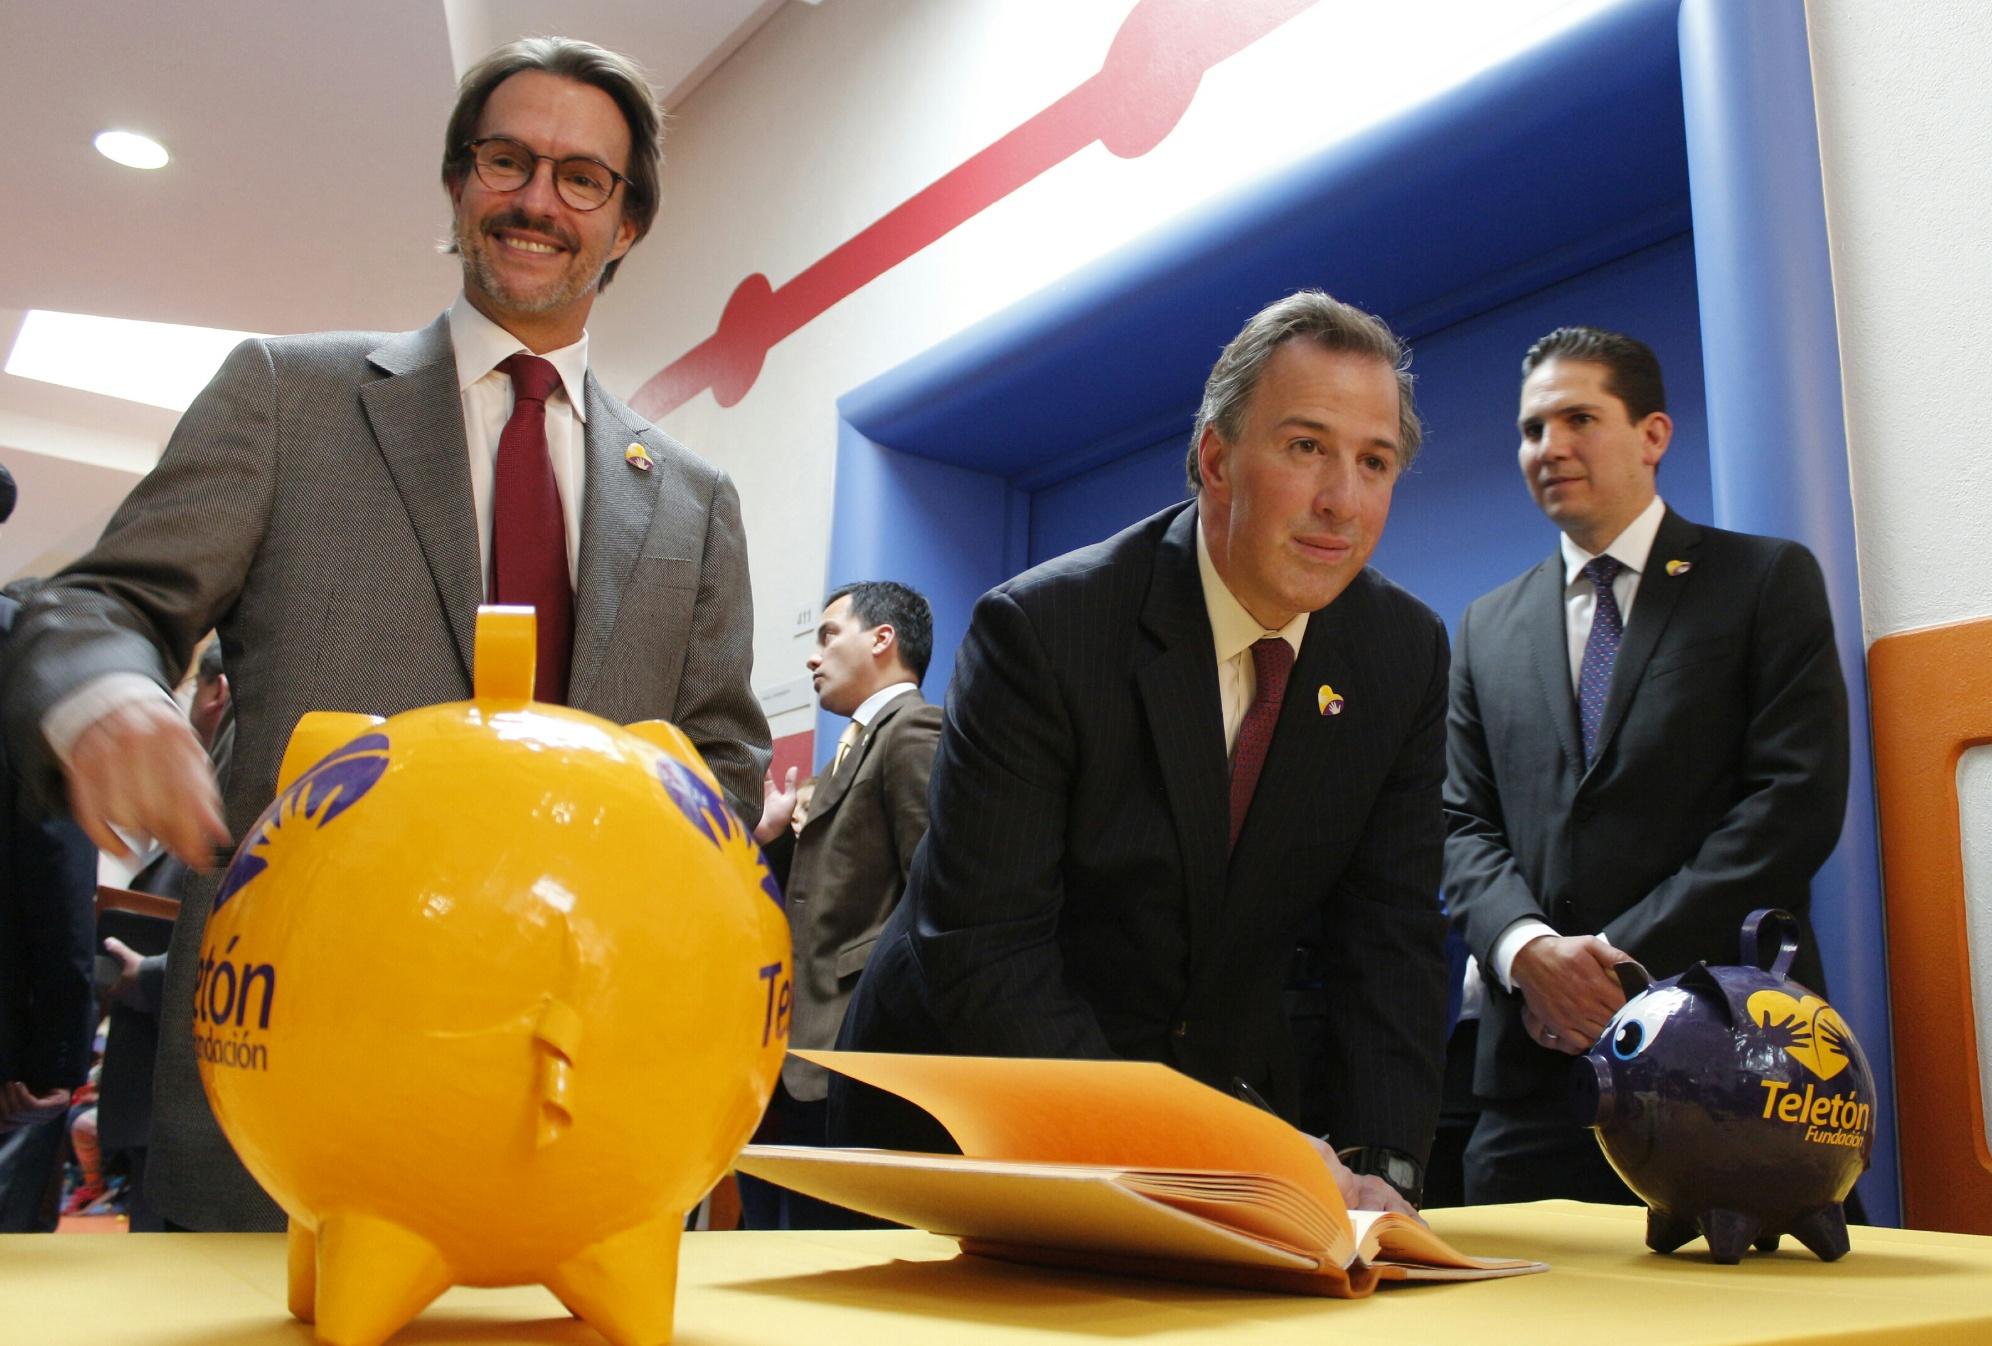 FOTO 5 Secretario Jos  Antonio Meade en el marco de la firma del Convenio Sedesol Fundaci n Telet n por un M xico sin Pobreza.jpg